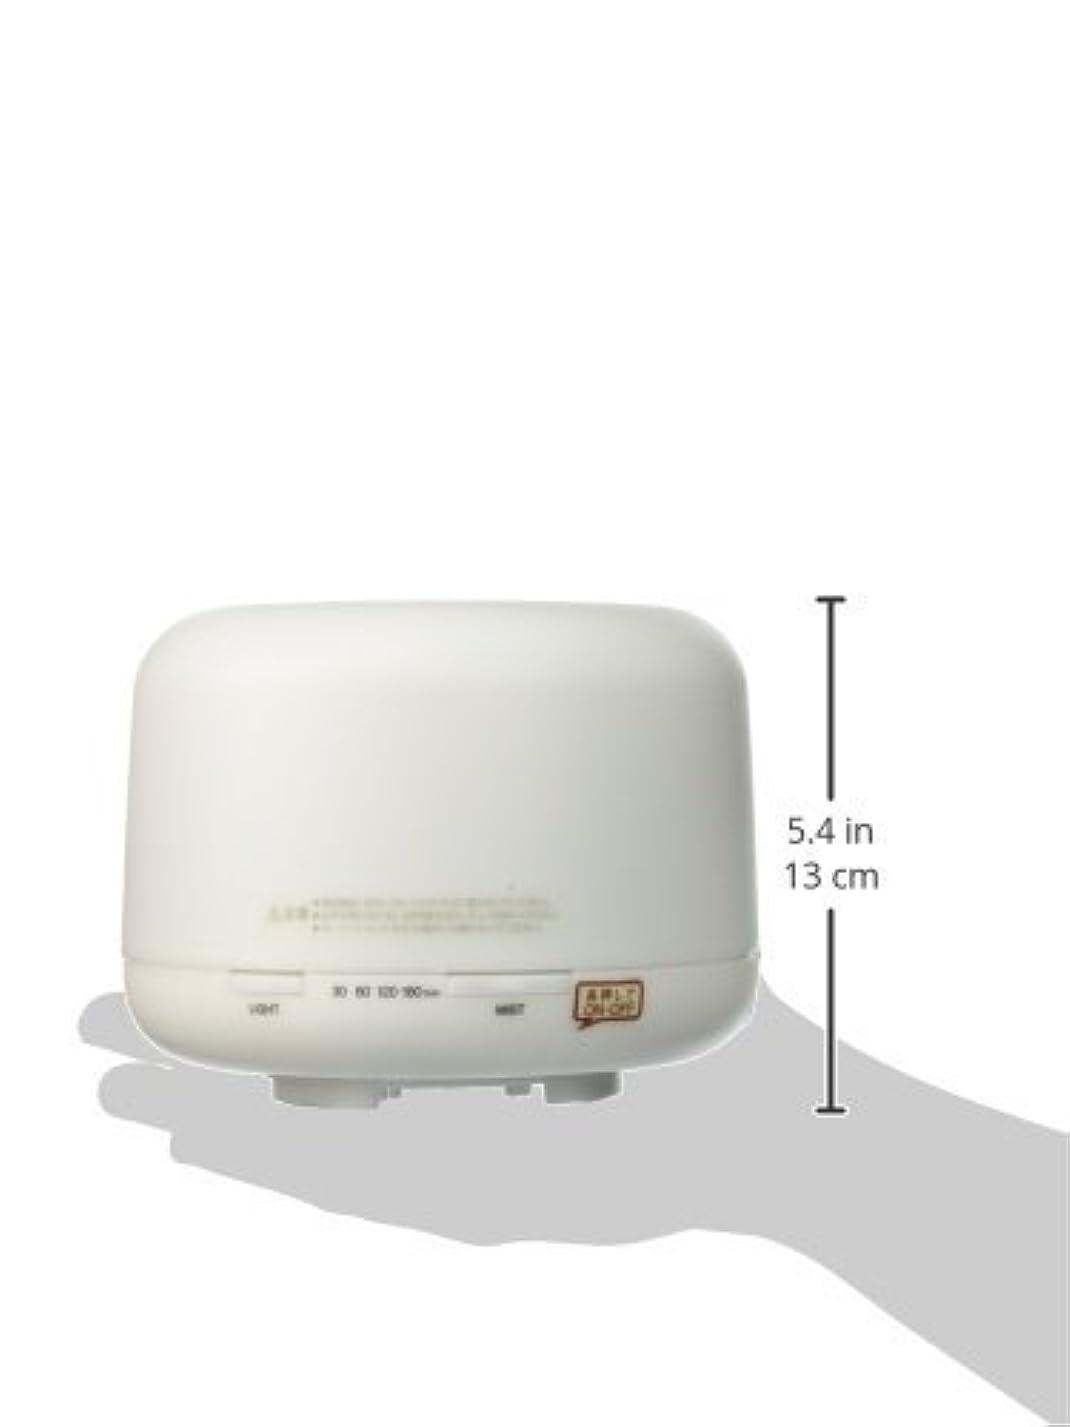 祝う開梱不和【無印良品】 超音波うるおいアロマディフューザー HAD-001-JPW